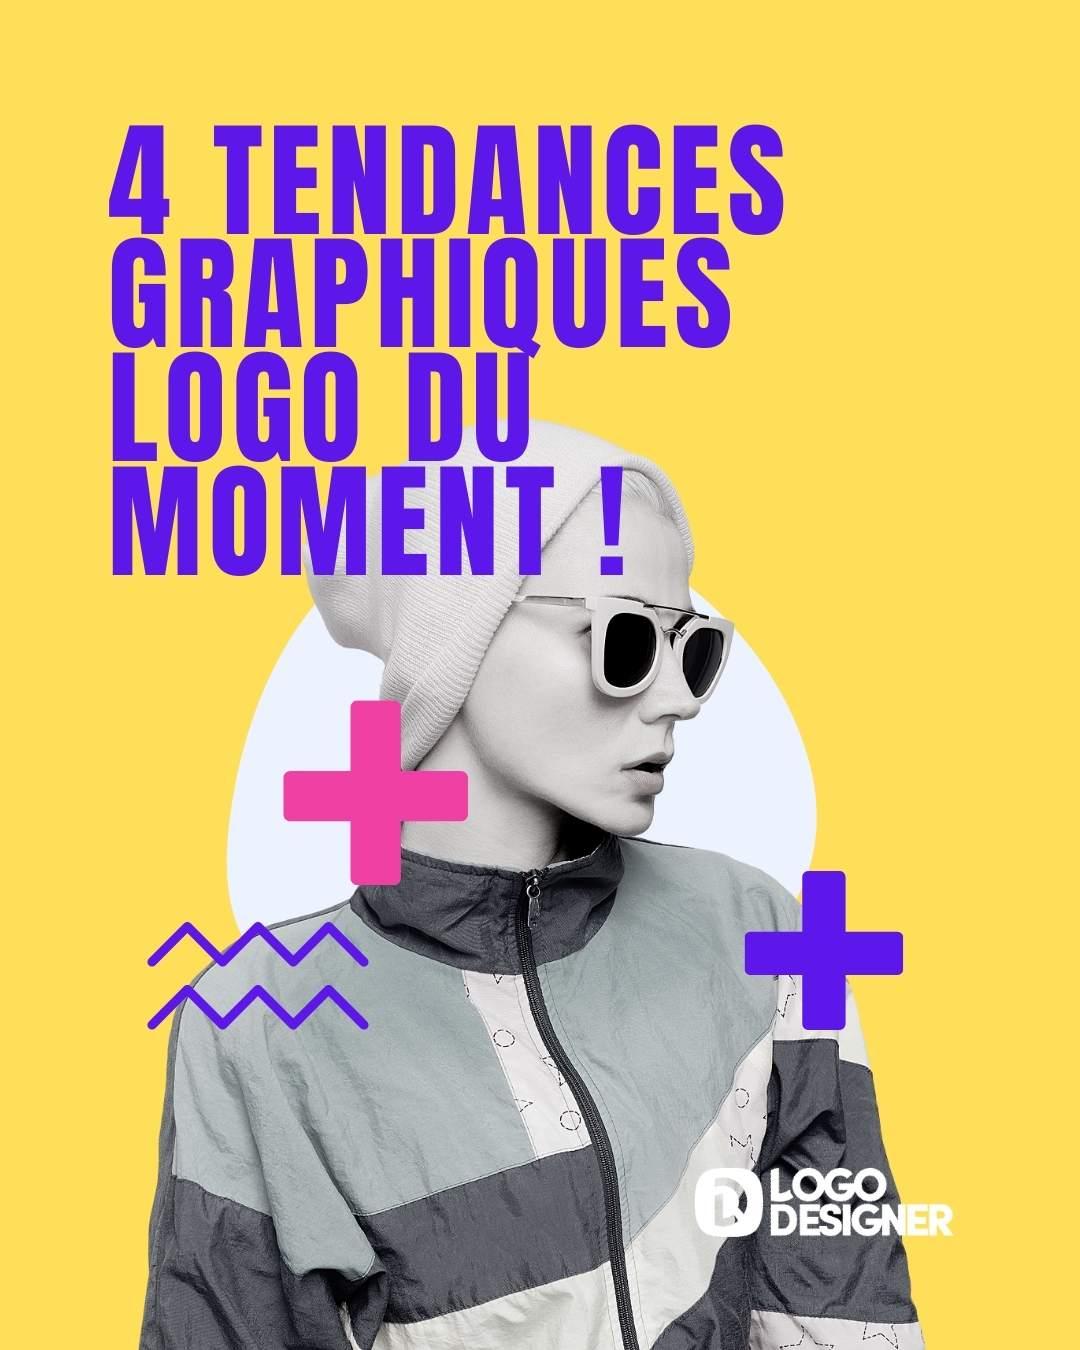 4 tendances graphiques logo du moment !